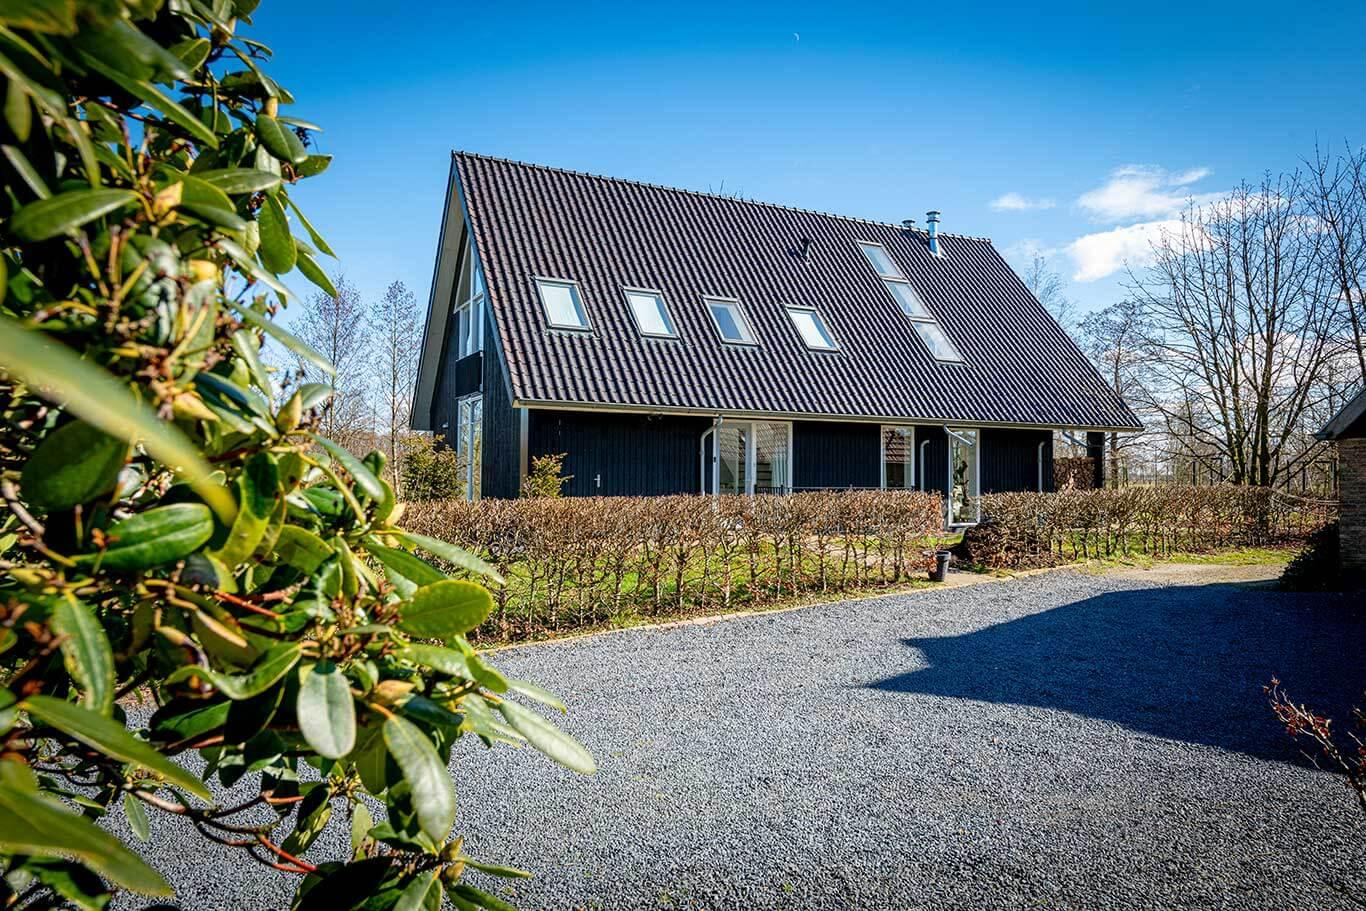 hesselmann-oldeberkoop-woonhuis-exterieur-12.jpg